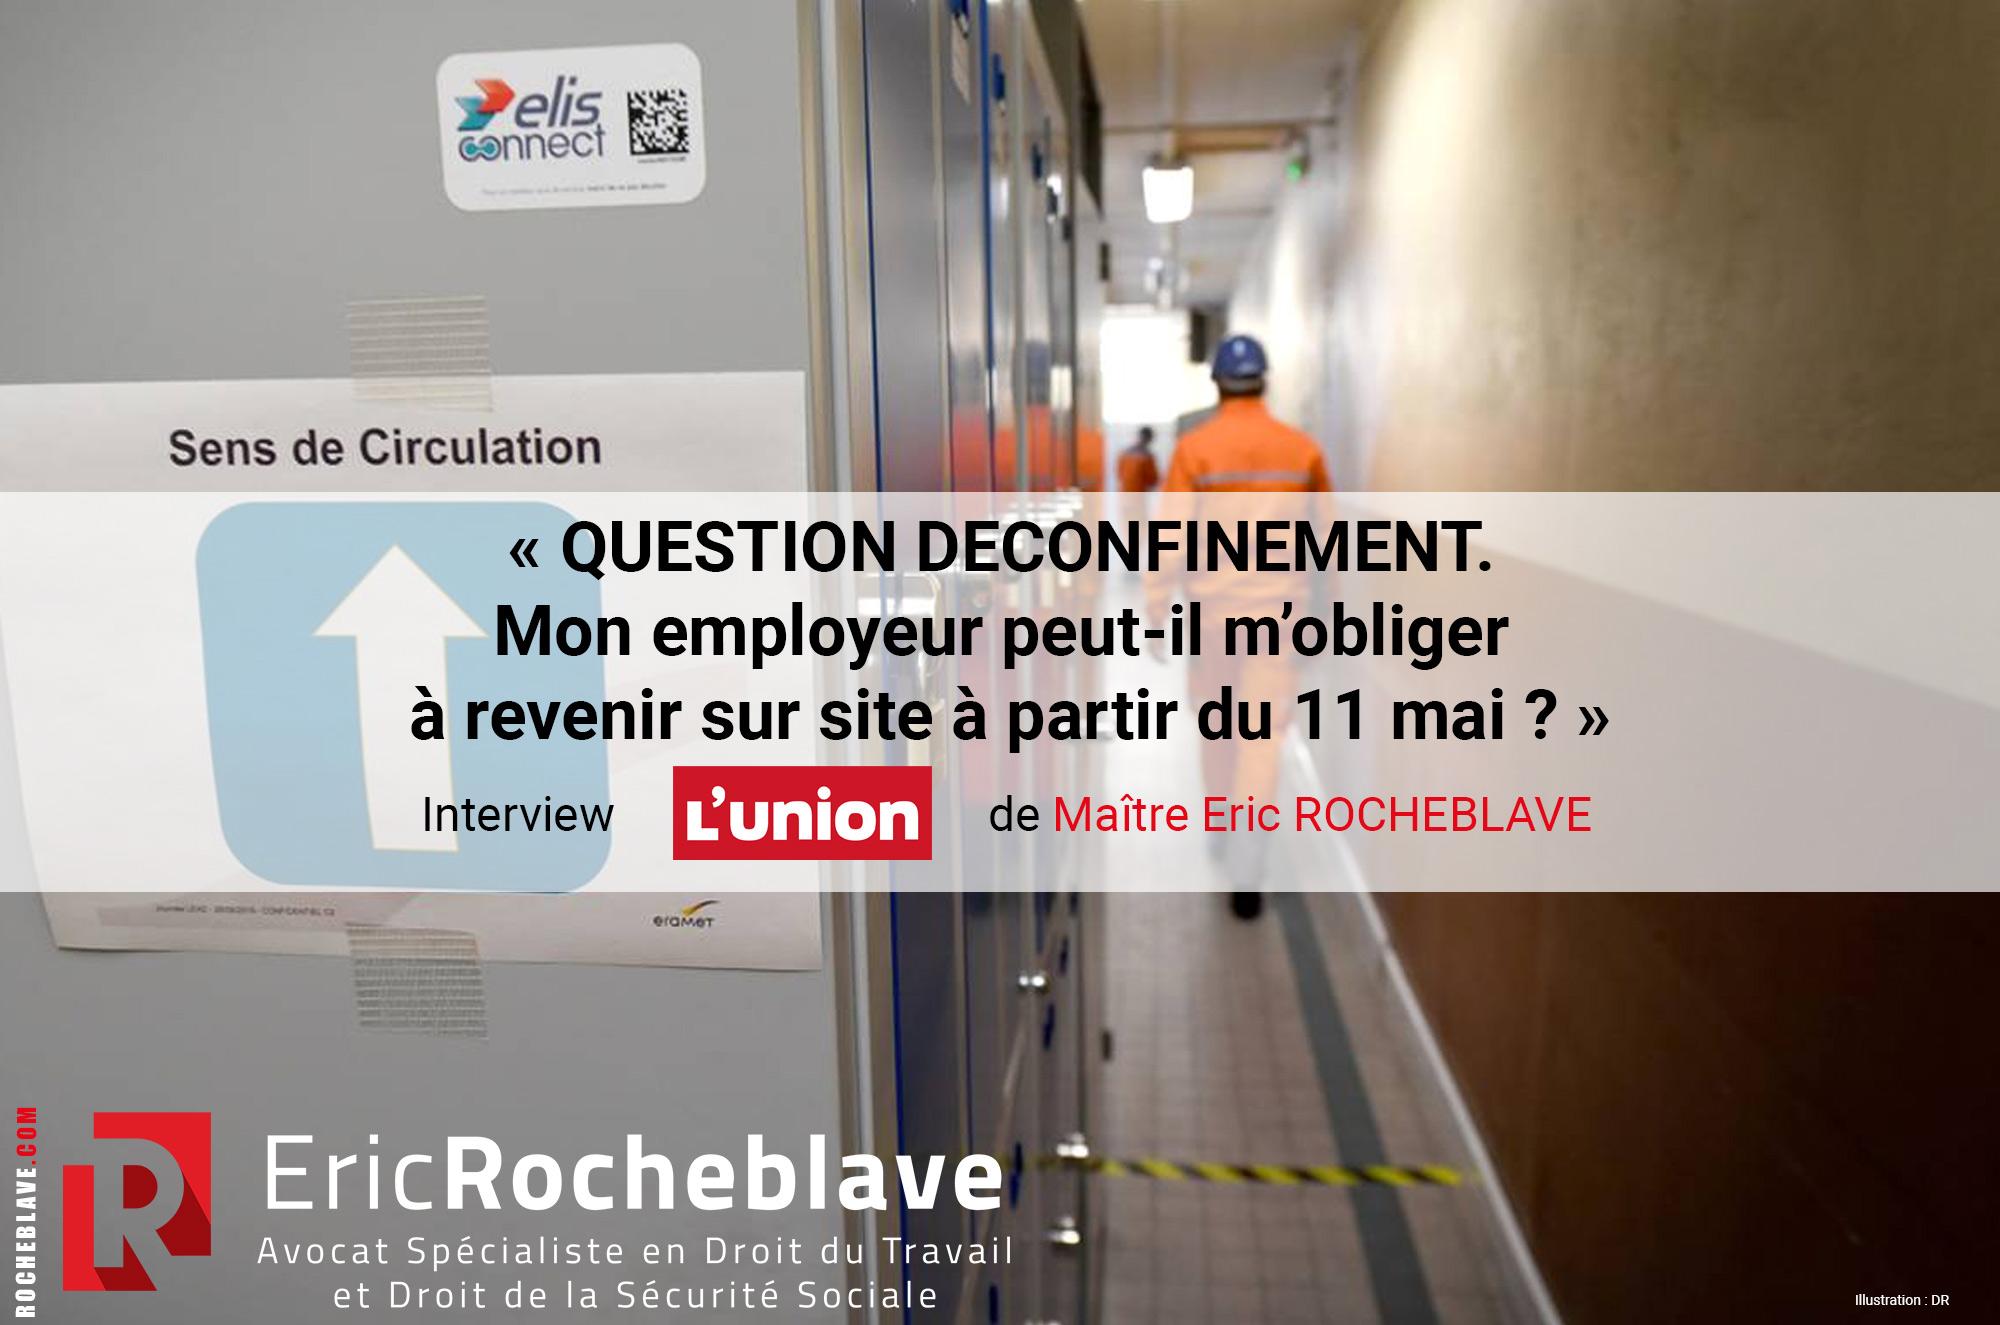 « QUESTION DECONFINEMENT. Mon employeur peut-il m'obliger à revenir sur site à partir du 11 mai ? » Interview L'UNION de Maître Eric ROCHEBLAVE